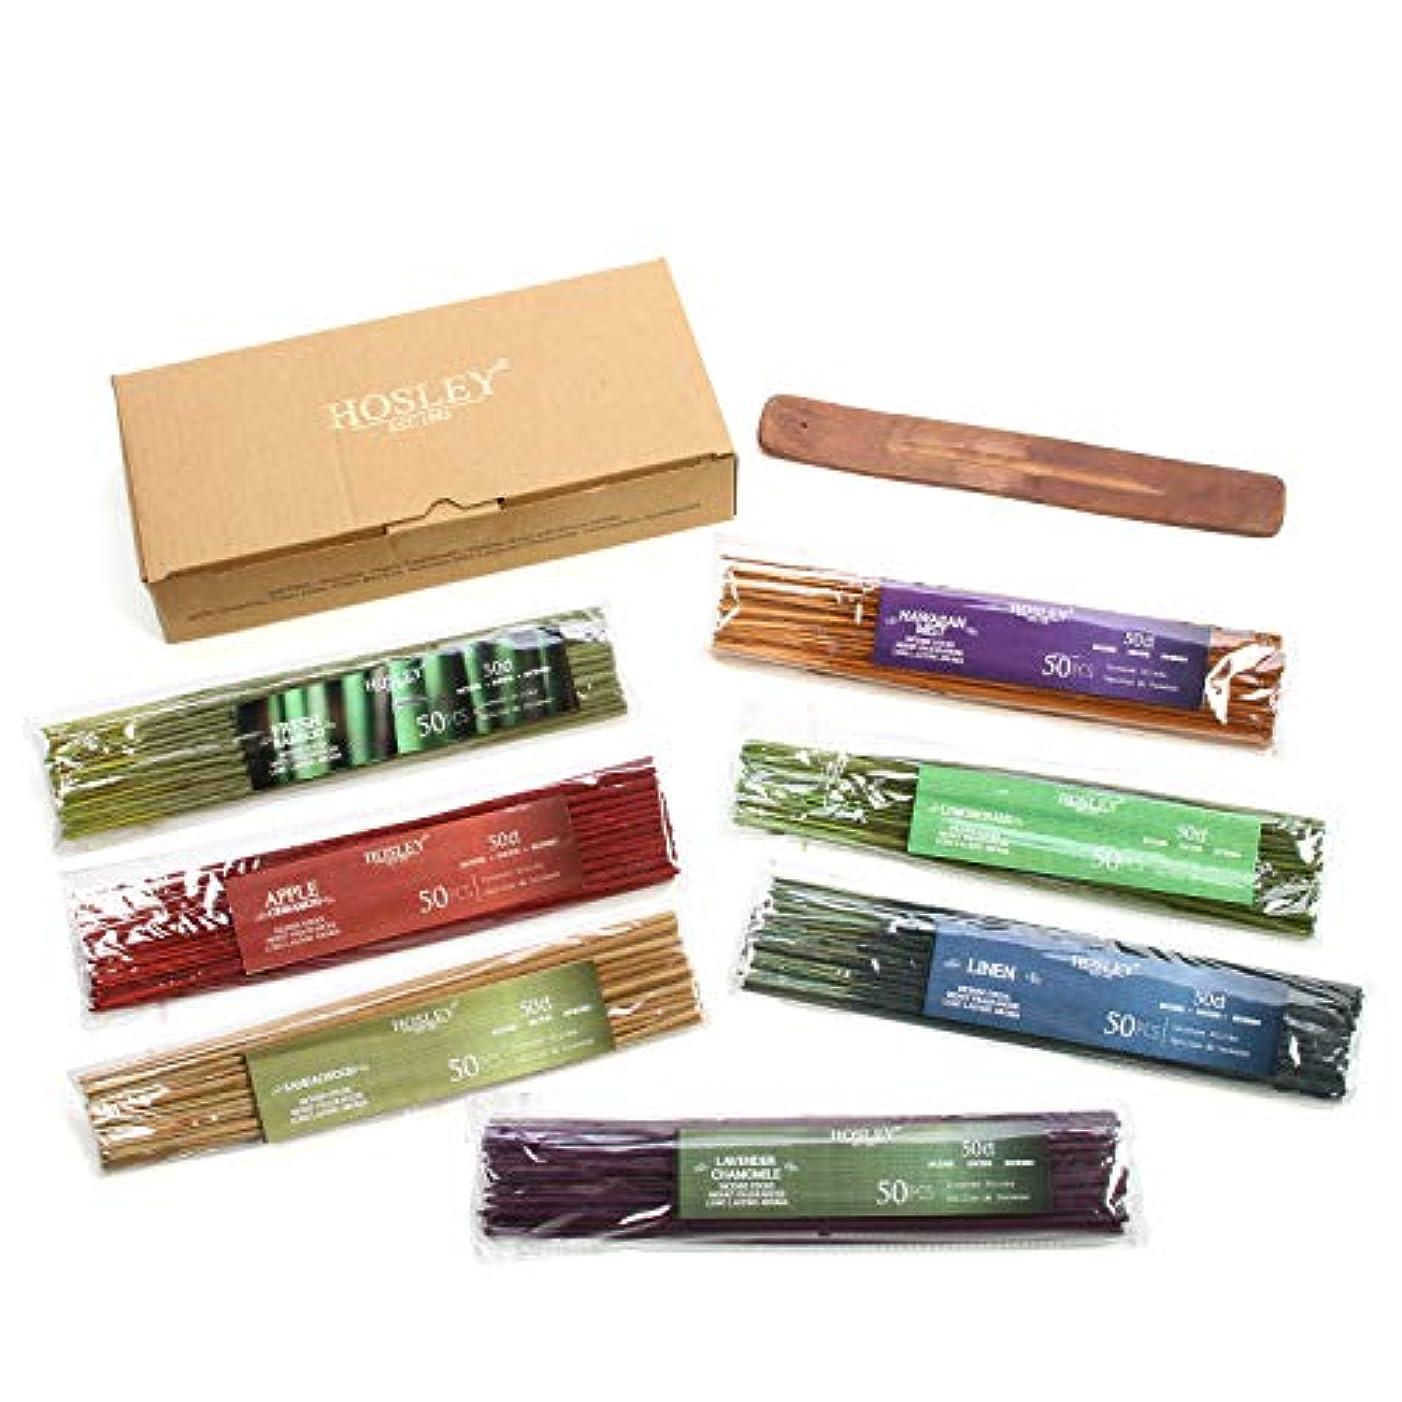 ケーブルびっくり気がついてHosley's Assorted 350 Pack Incense Sticks, Highly Fragrances include: Apple Cinnamon, Hawaiian Mist, Sandalwood...